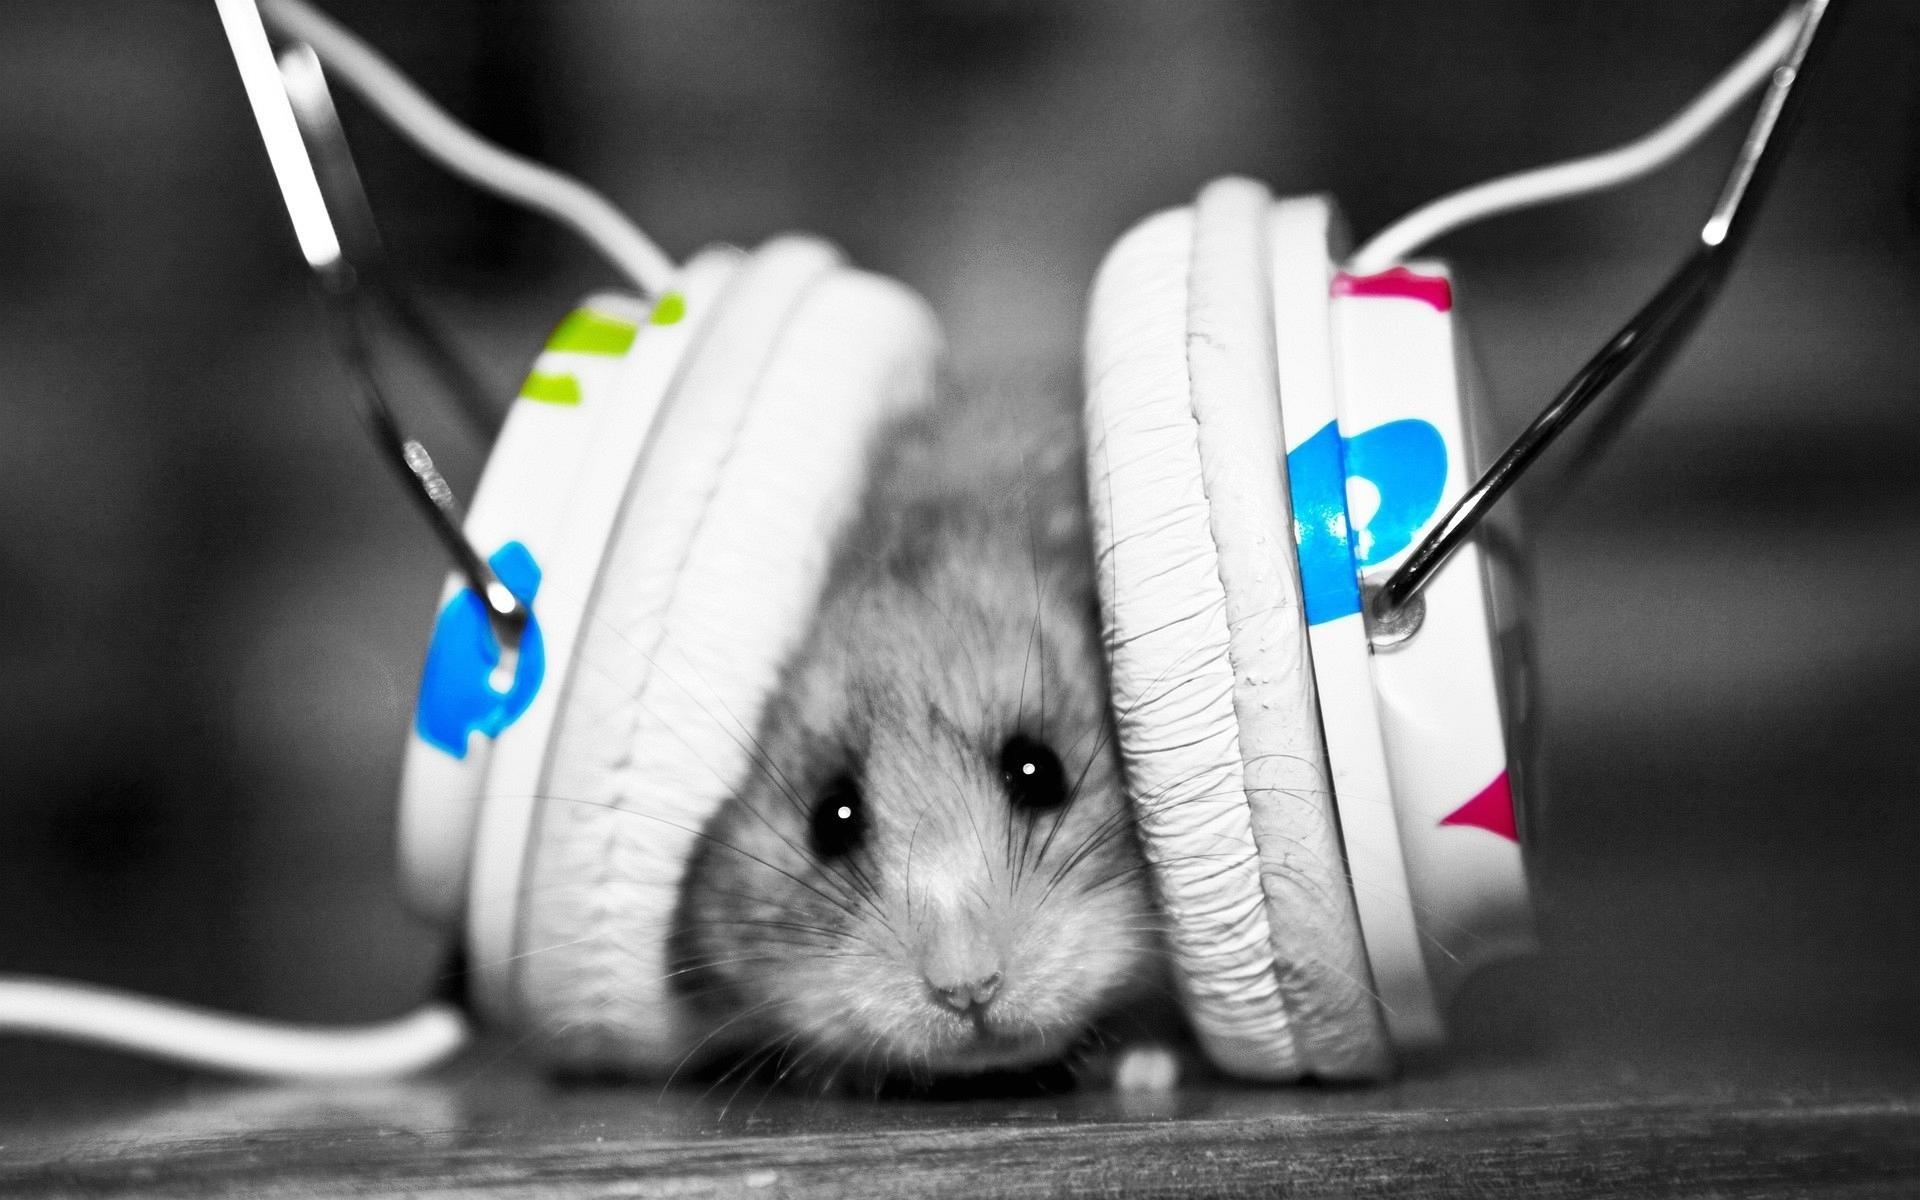 Wallpaper Weird Music Mouse